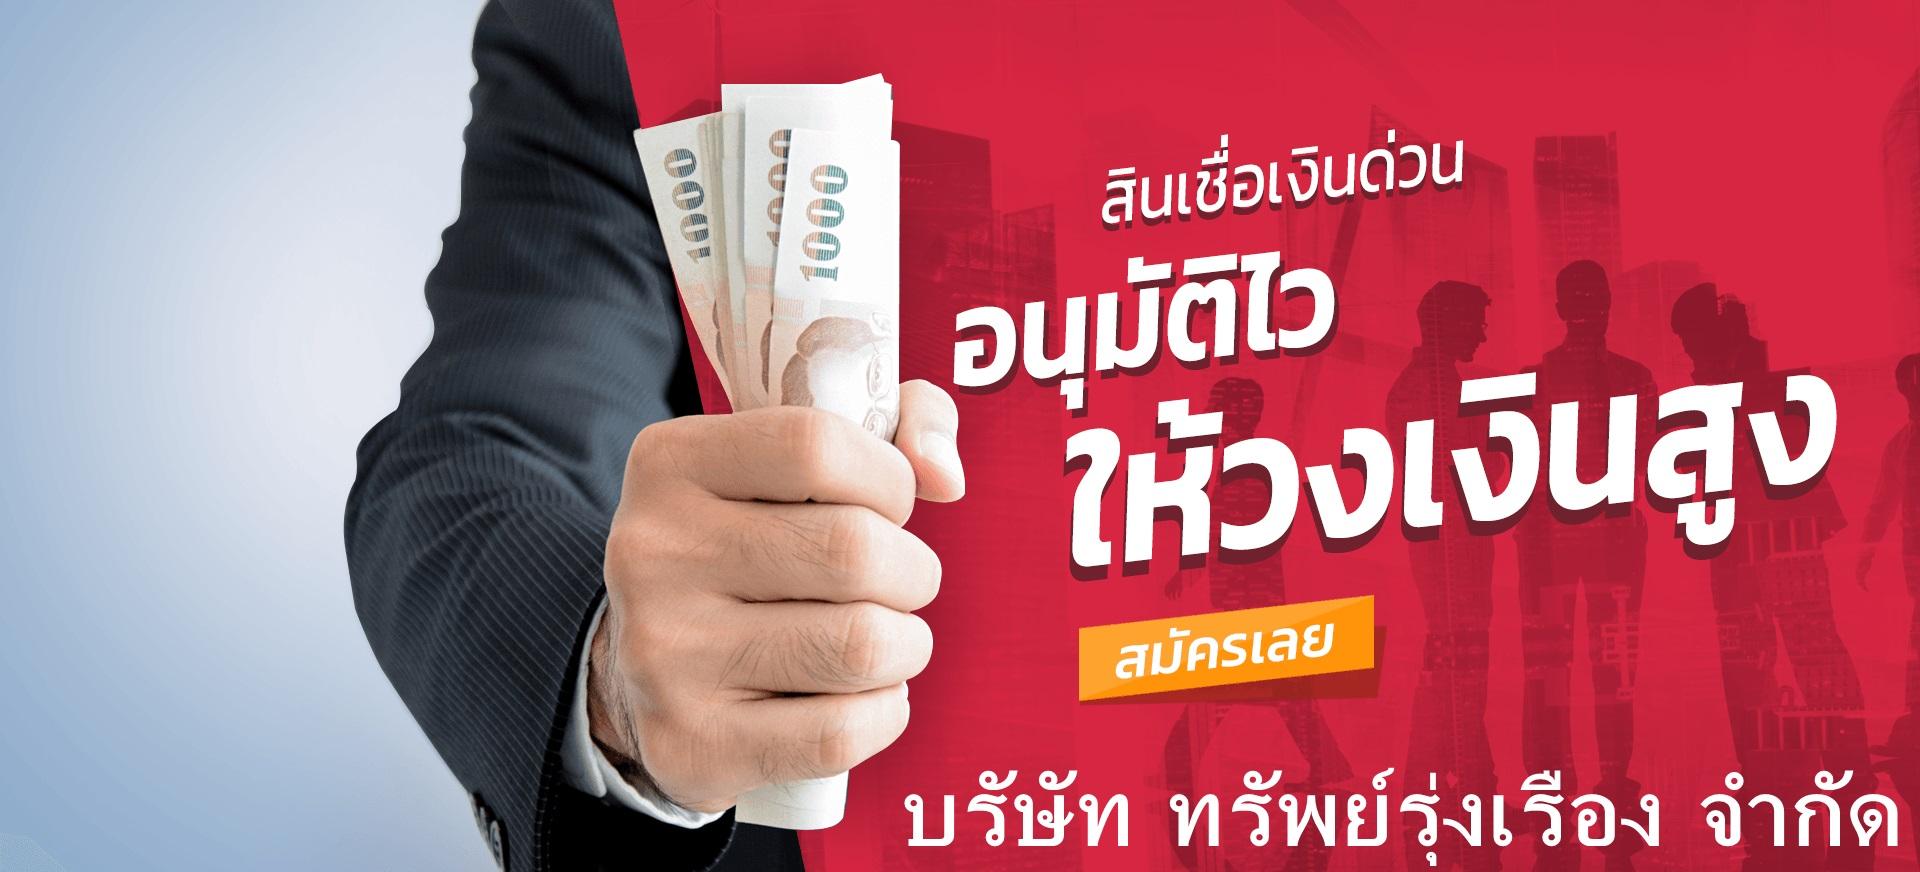 สินเชื่อ,เงินกู้,เงินด่วน